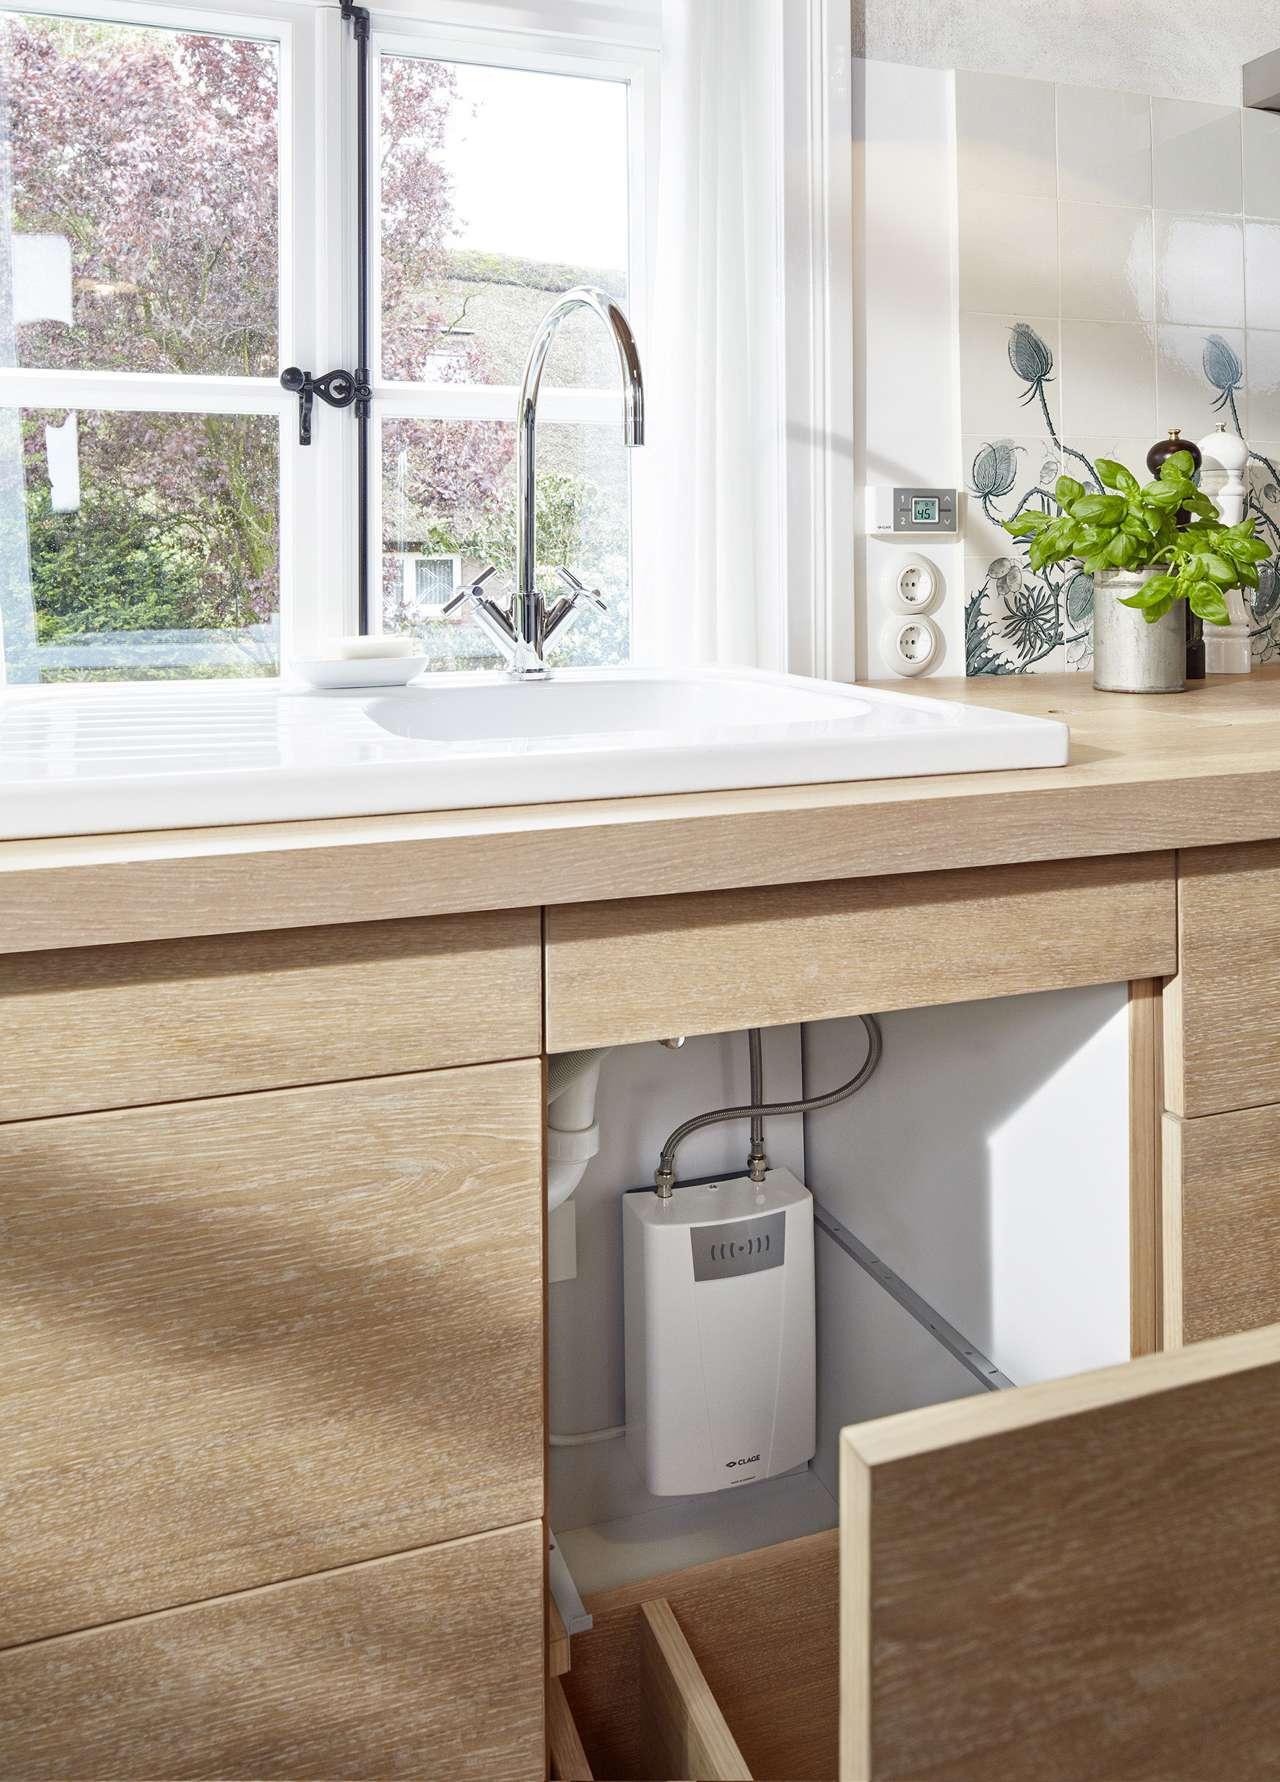 Warmwasser-Komfort in der Küche – Küchen Journal